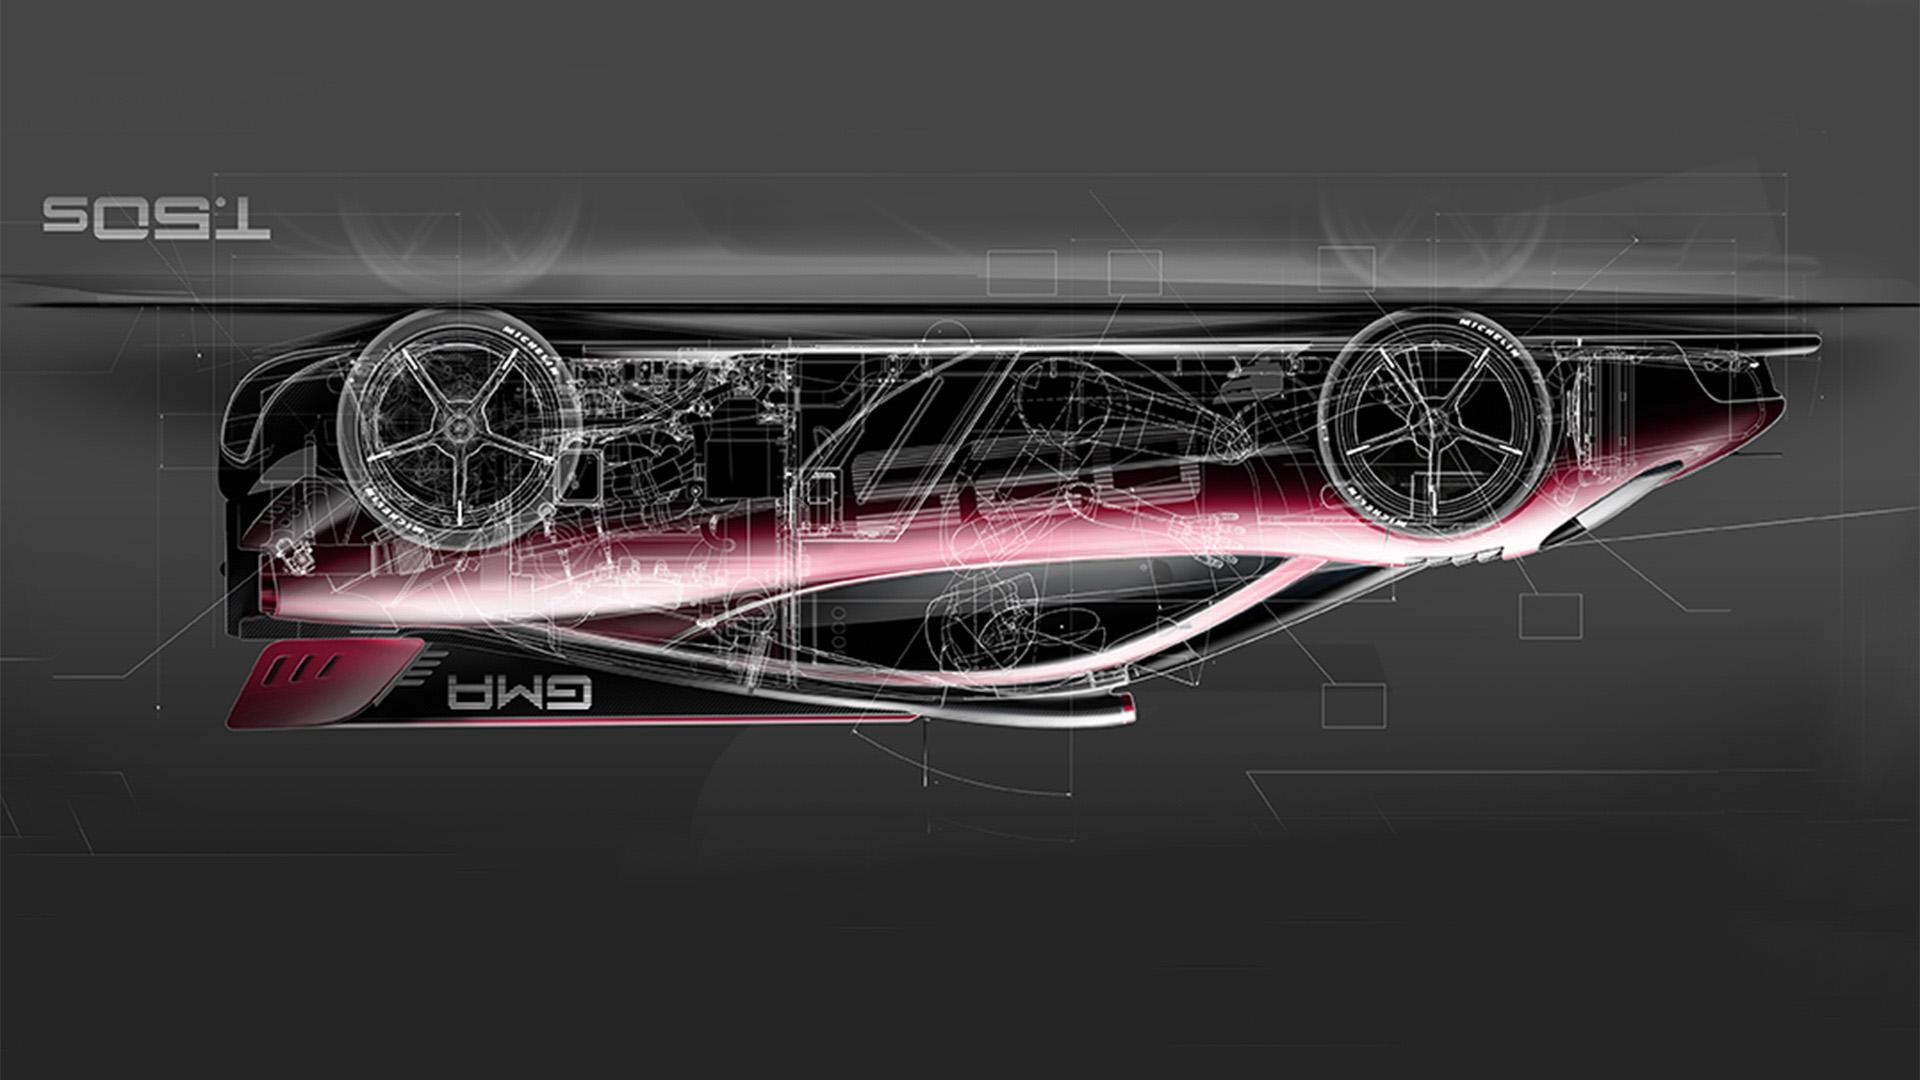 Μπορεί ένα αυτοκίνητο να κινηθεί ανάποδα, όπως ένα μαχητικό αεροσκάφος;